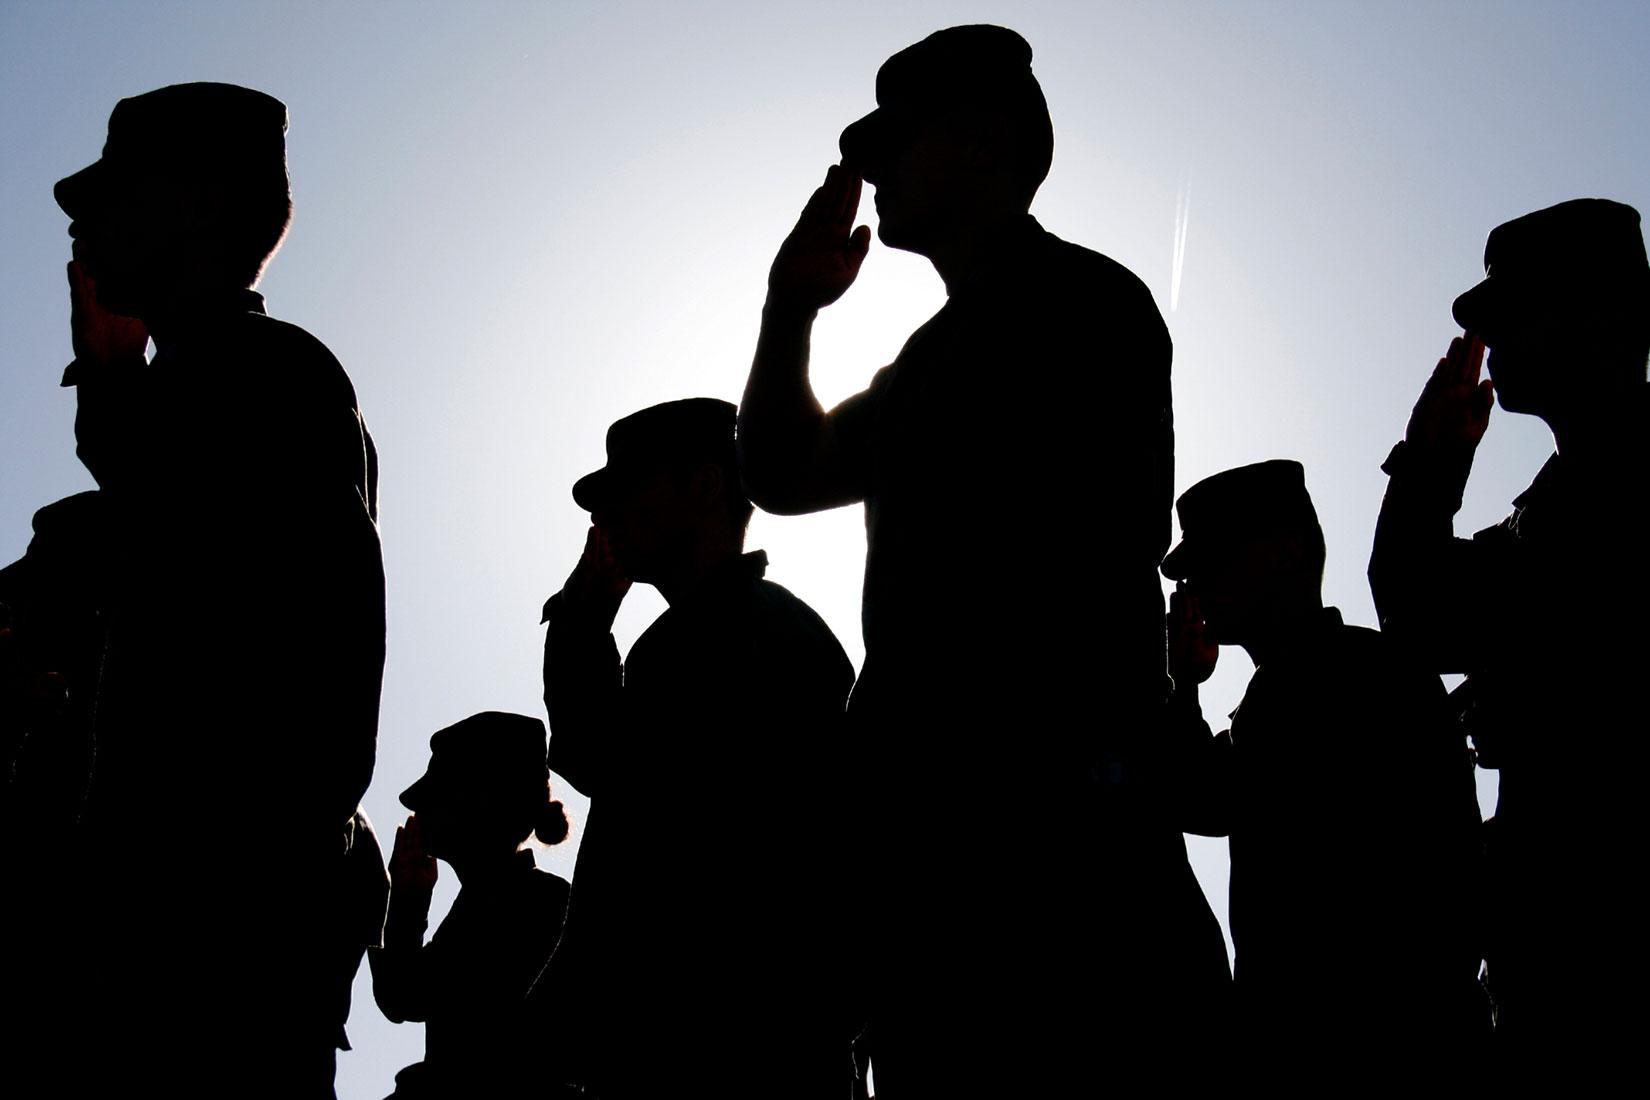 認識ギャップ 「法執行機関か軍隊か」vs「法執行機関であり軍隊でもある」